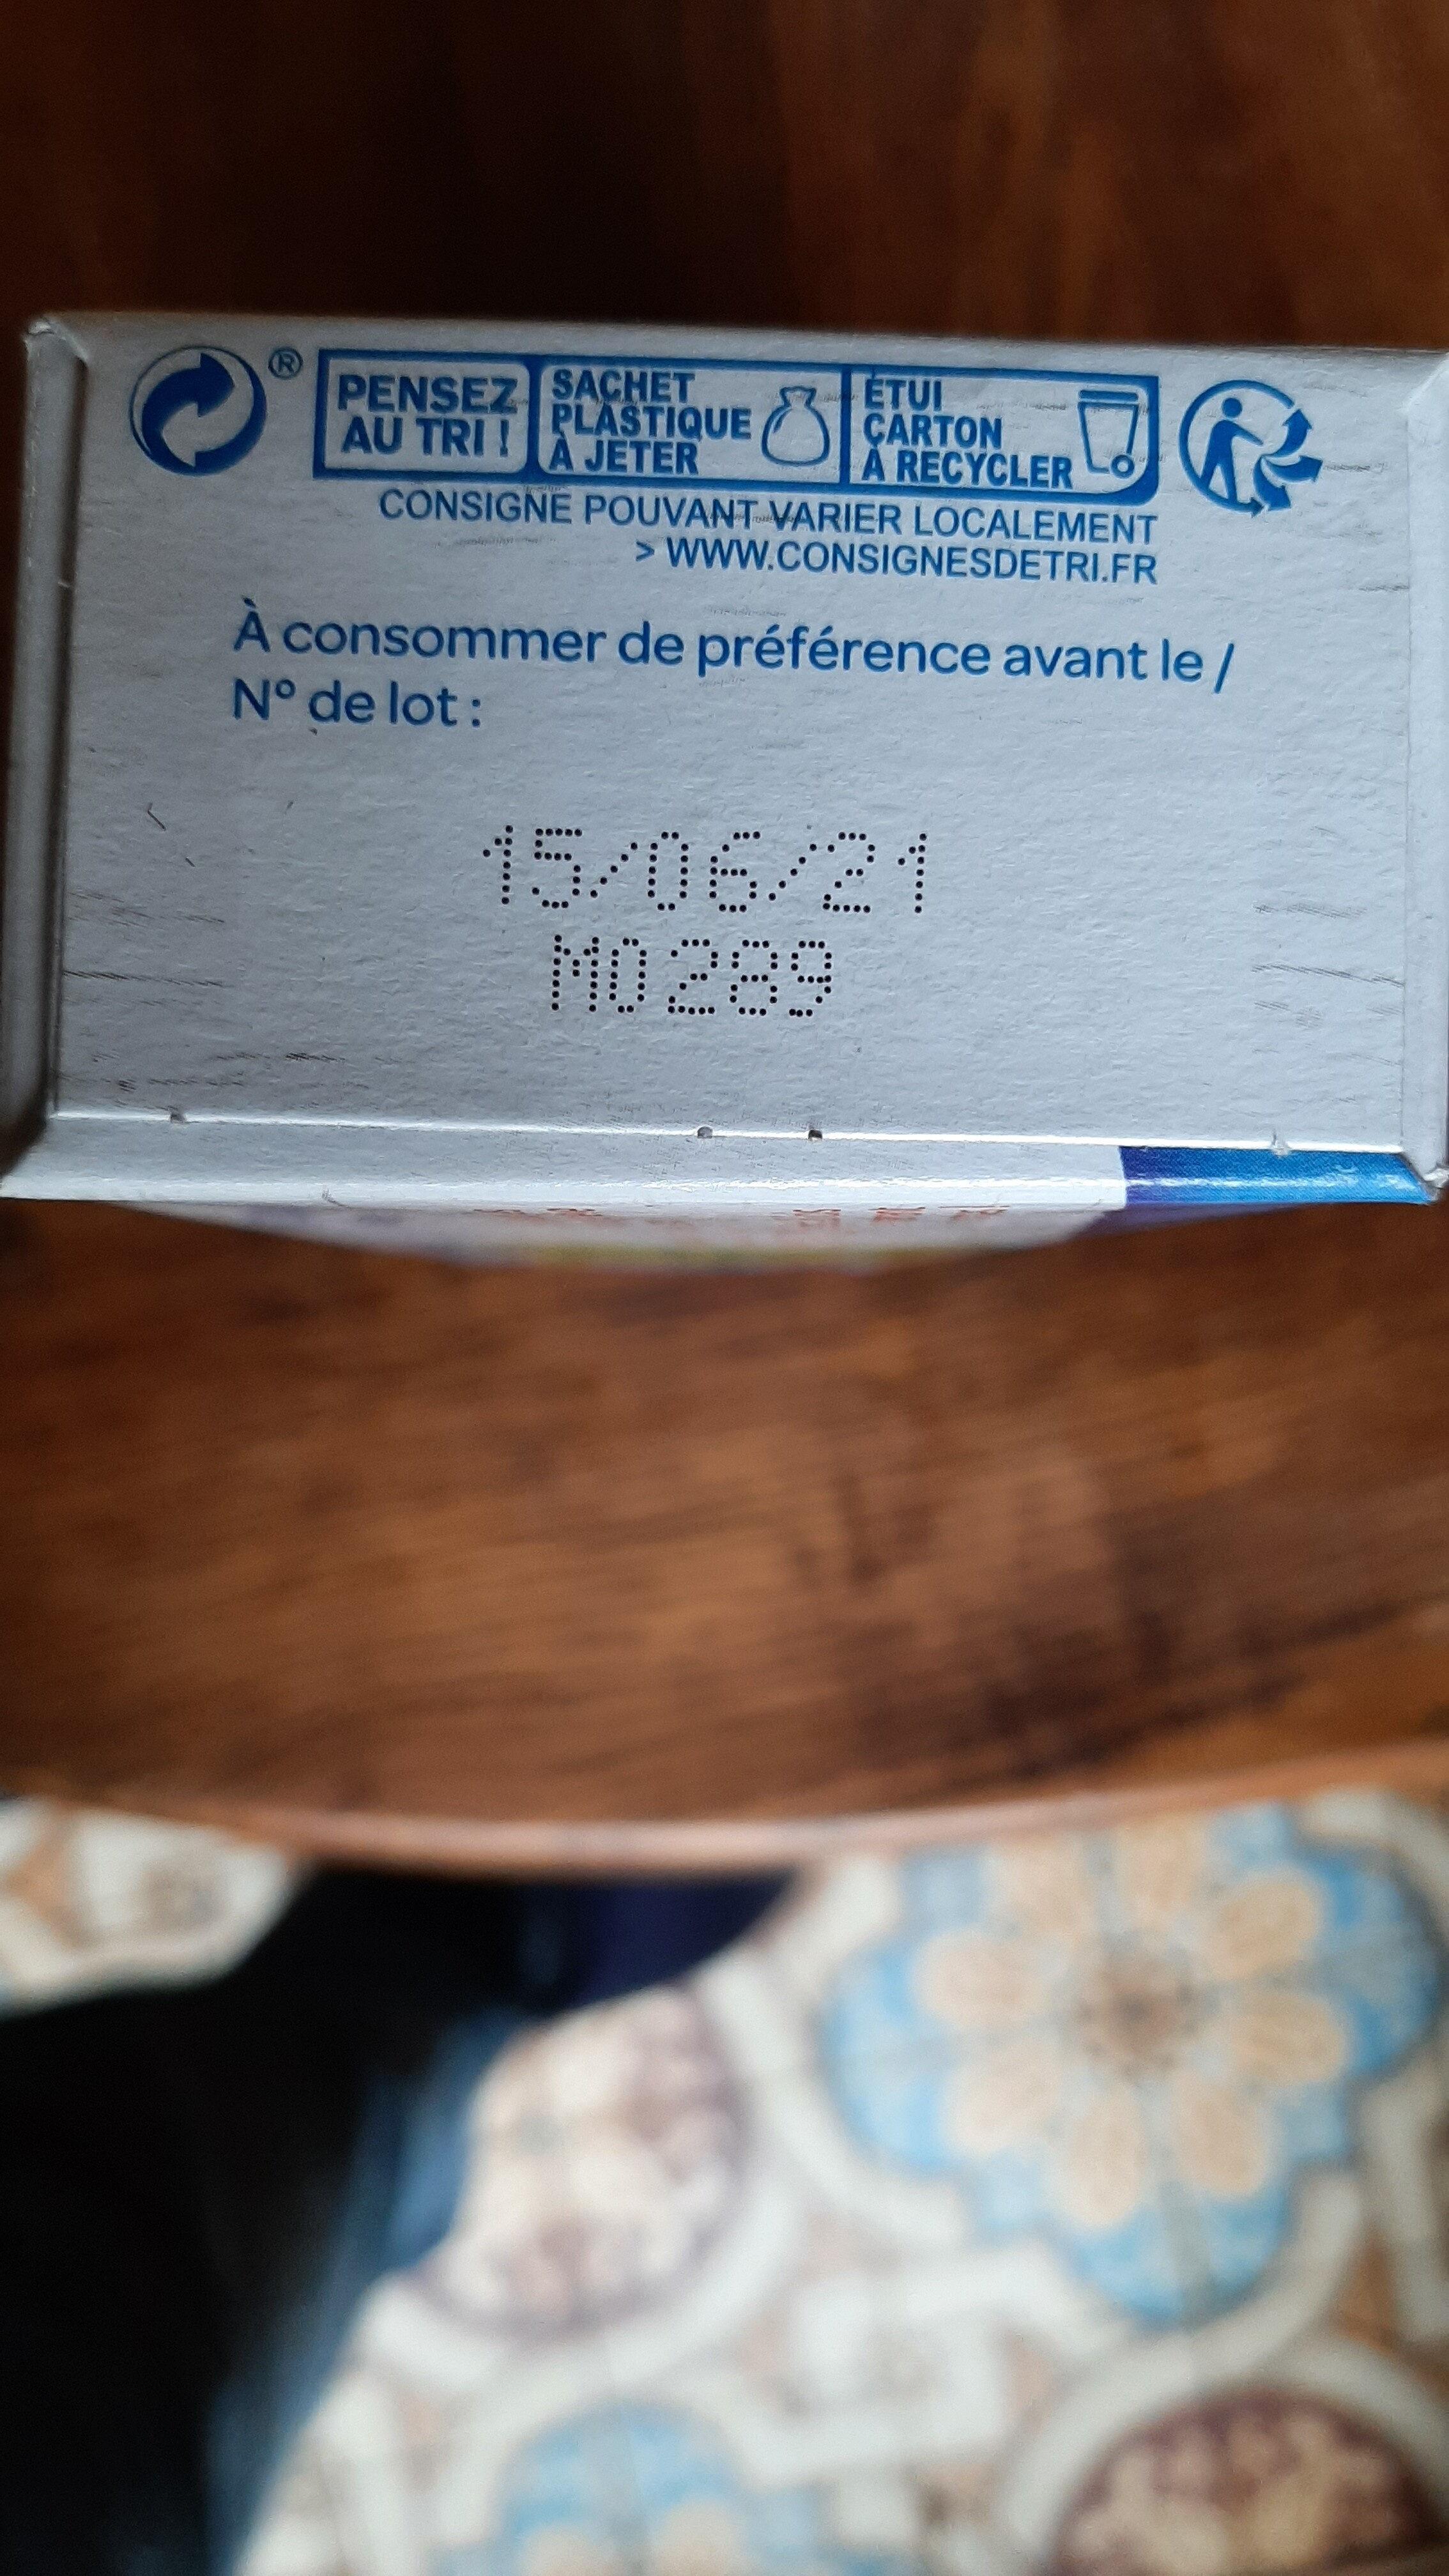 Avoine complet - Instruction de recyclage et/ou informations d'emballage - fr